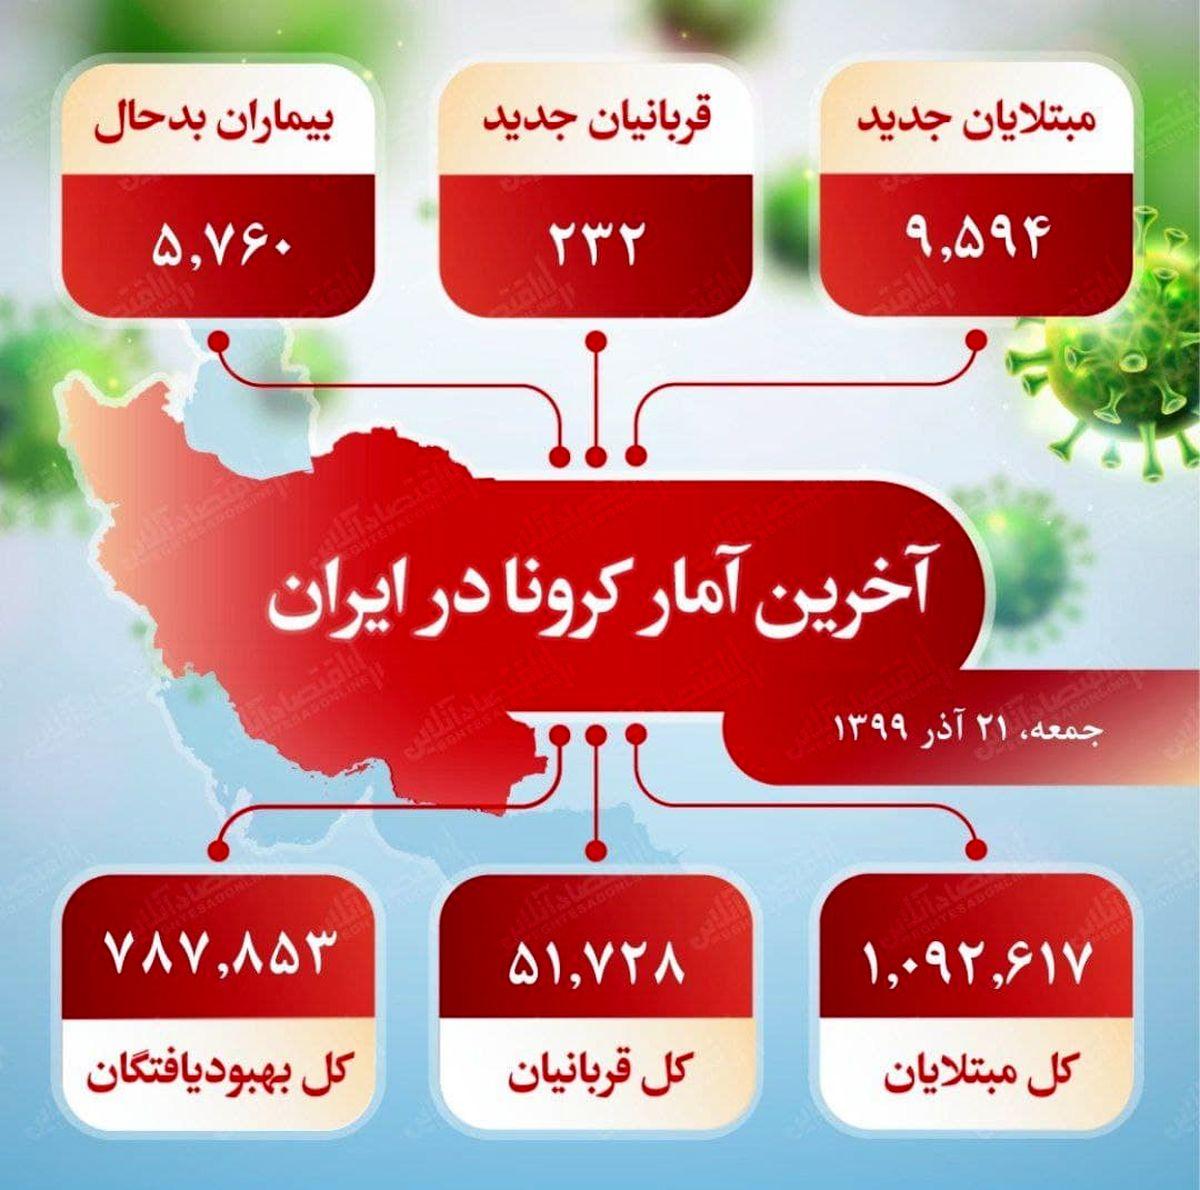 آخرین آمار کرونا در ایران (۹۹/۹/۲۱)